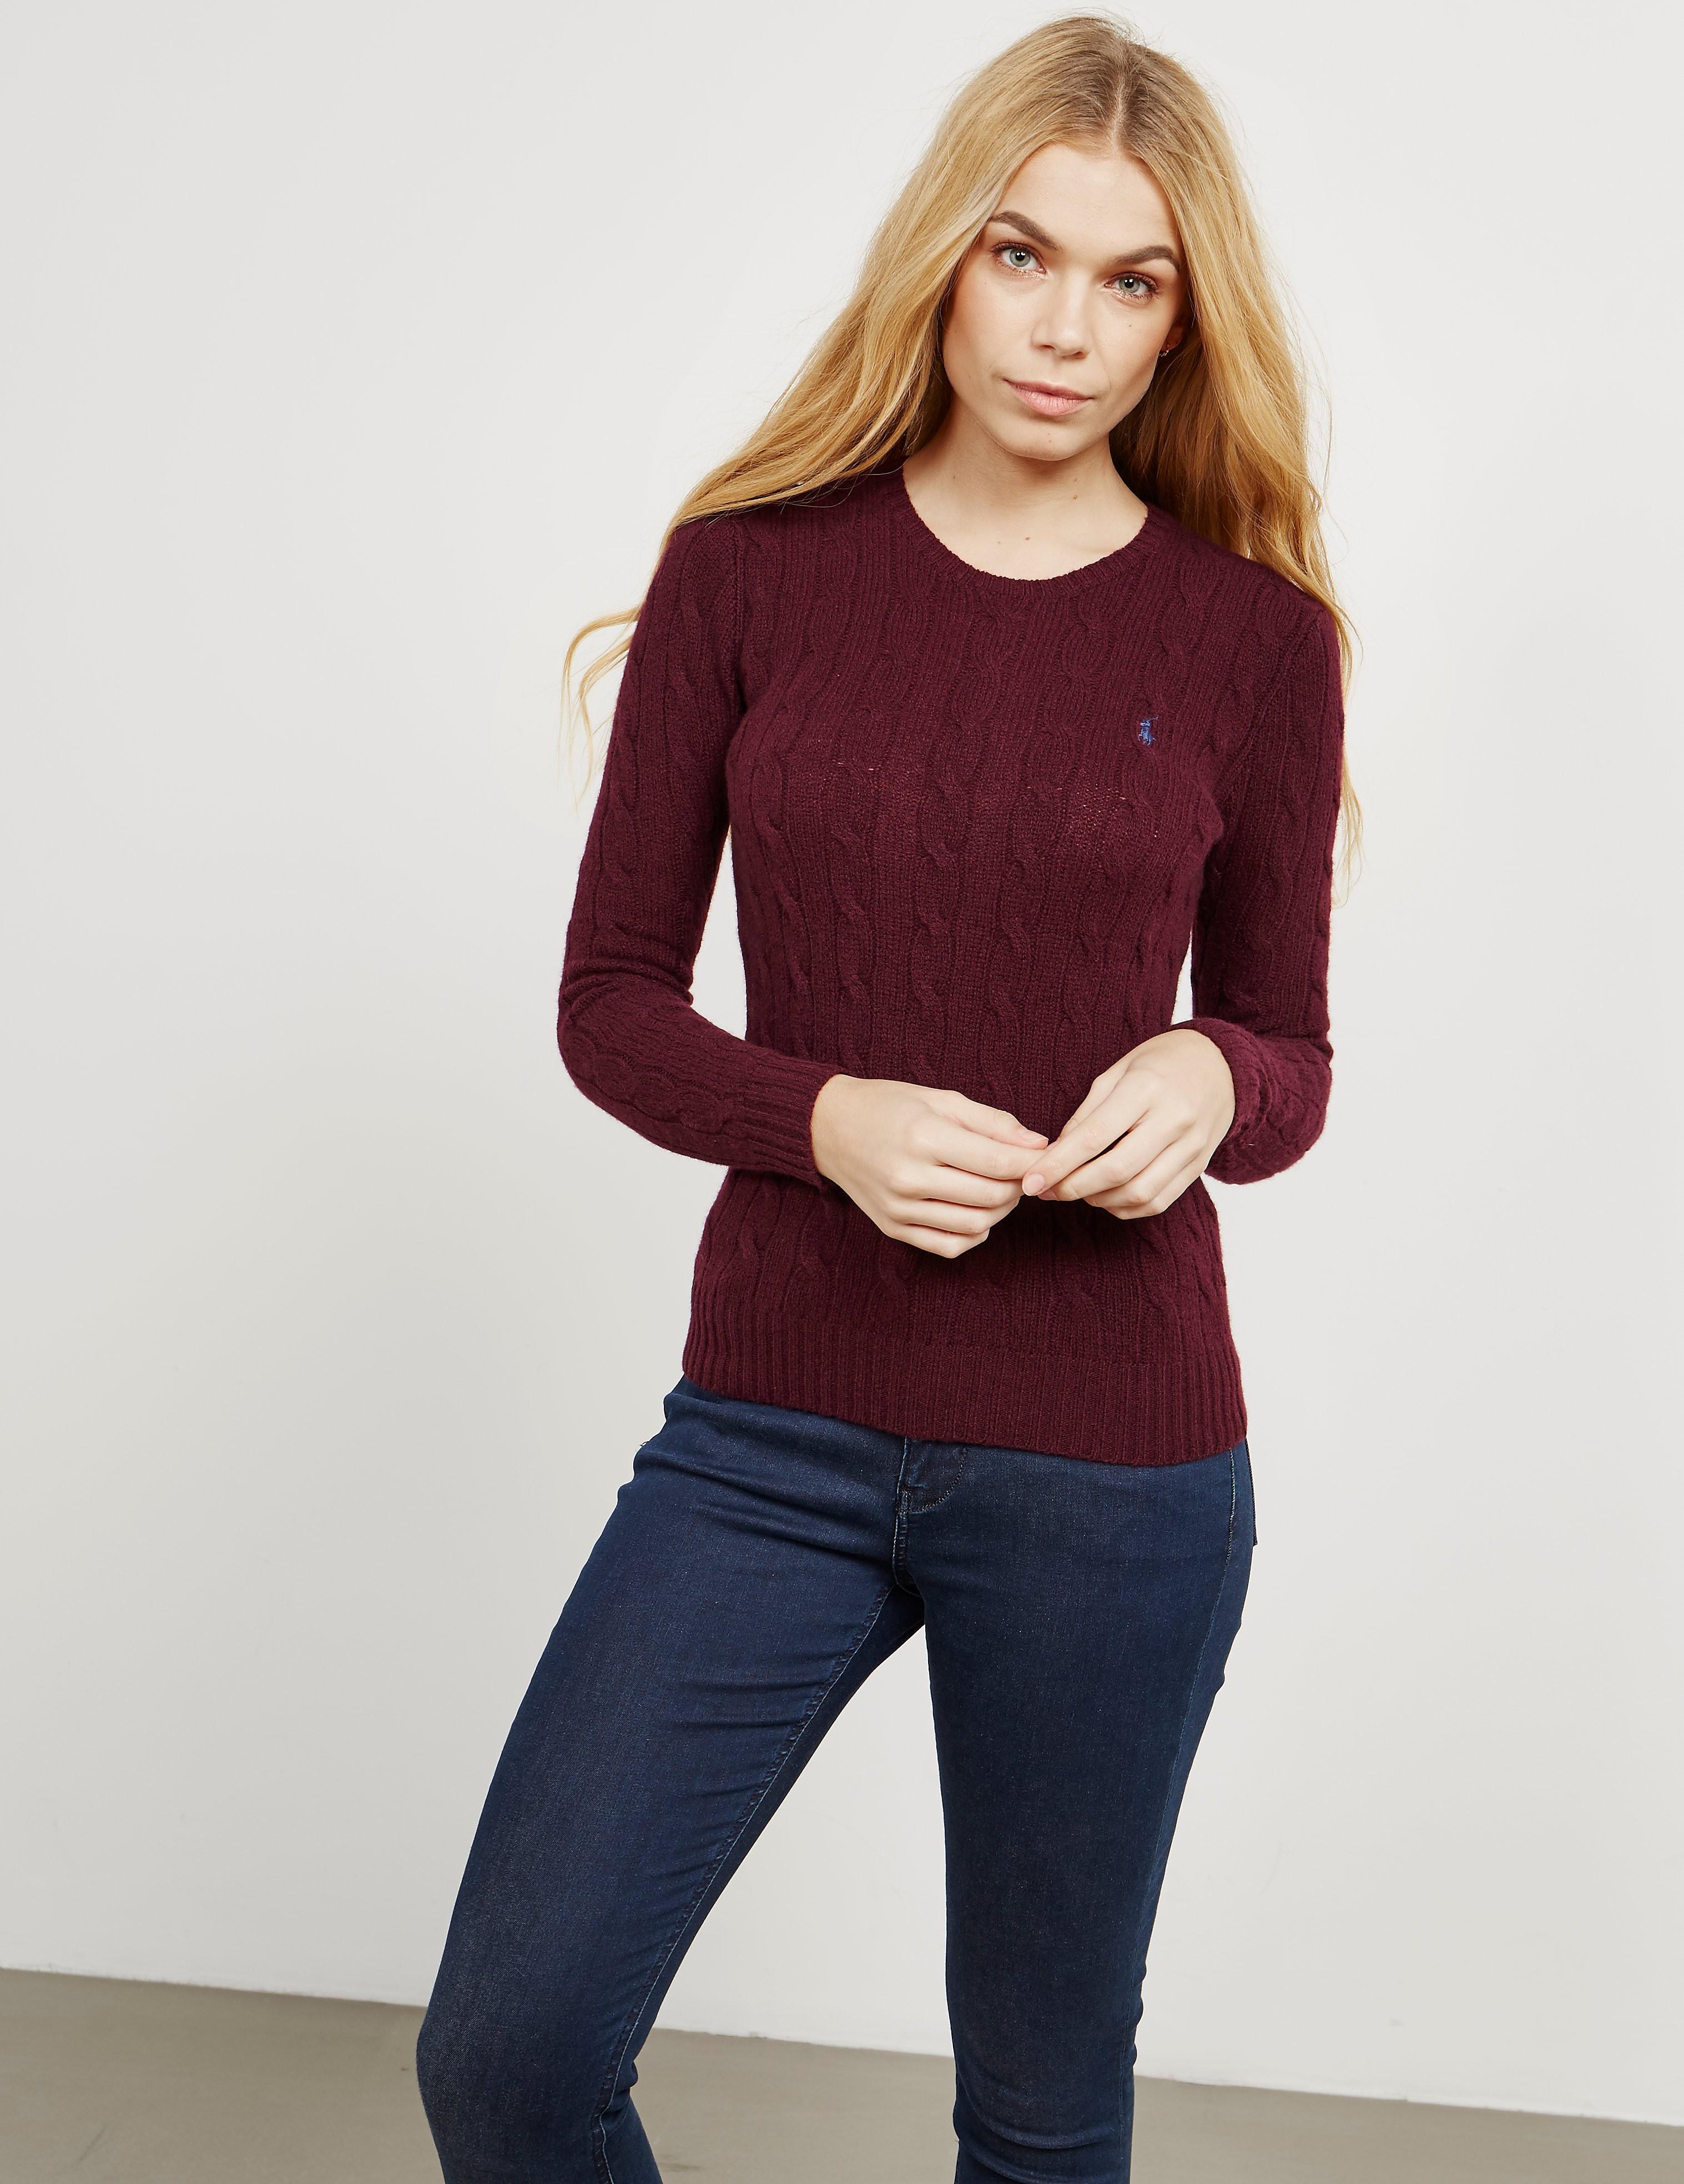 Polo Ralph Lauren Juliana Knitted Jumper